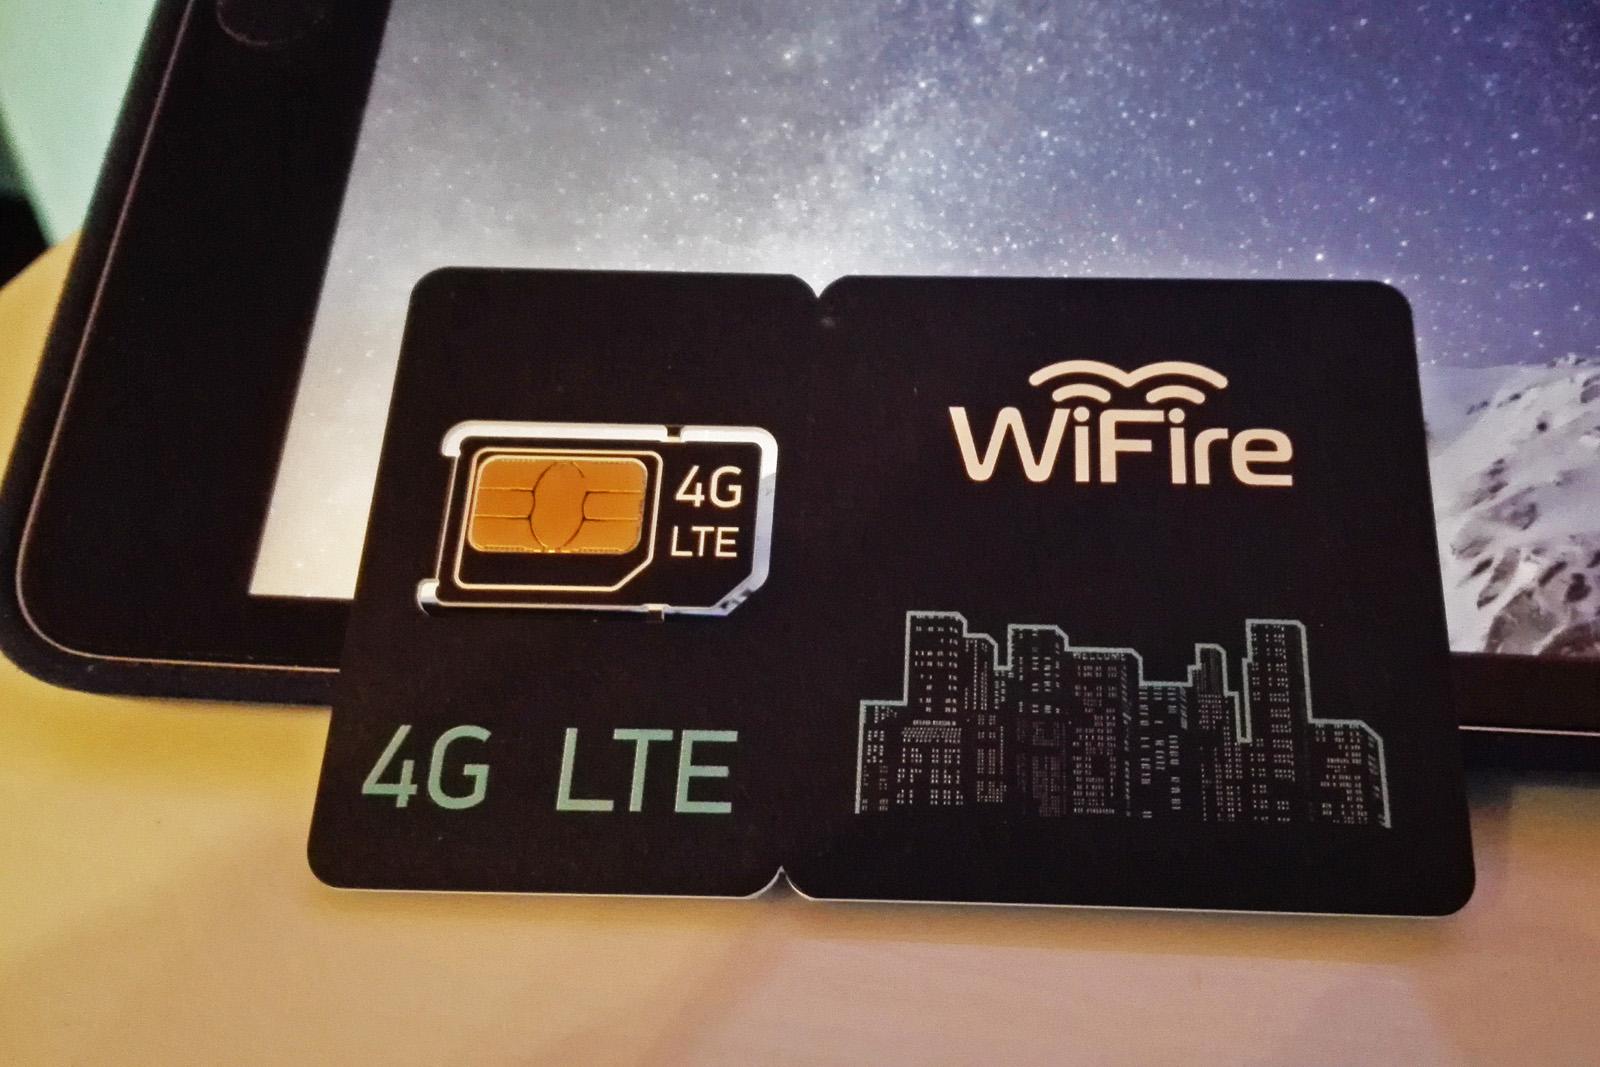 Виртуальный оператор Wifire запустил мобильную связь в Псковской области